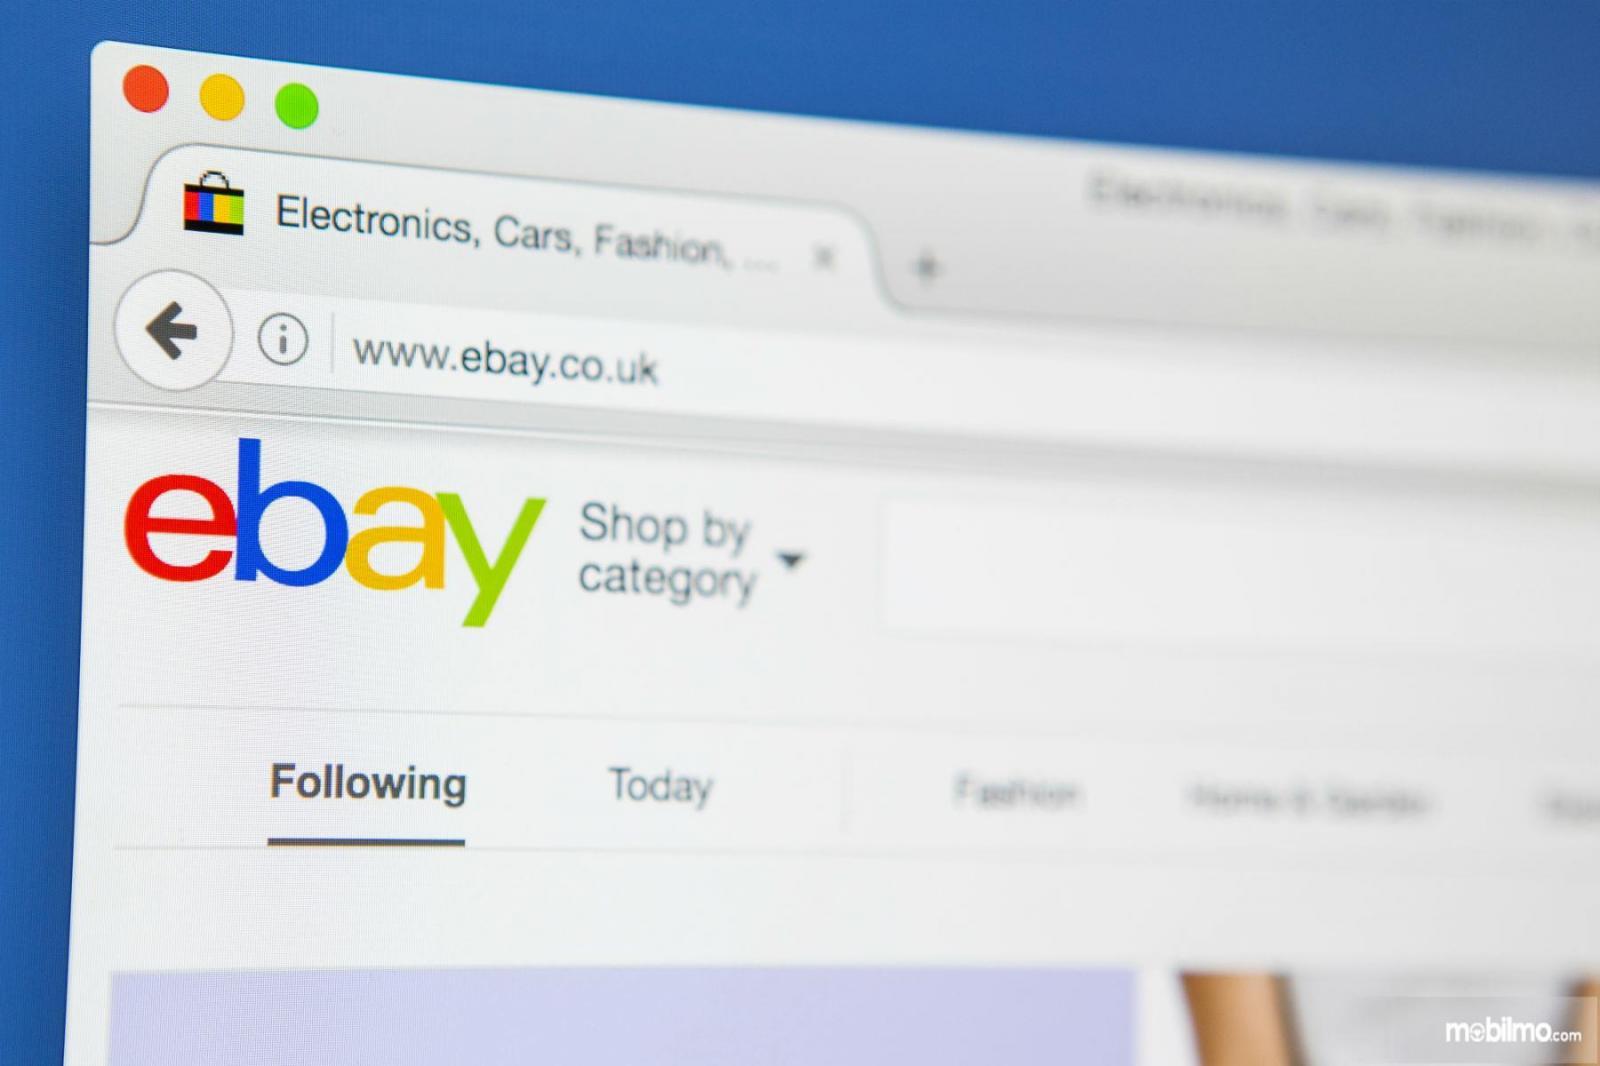 Gambar tampilan eBay, situs jual beli dan lelang terbesar di dunia yang menyediakan banyak produk mulai yang baru, bekas hingga rusak